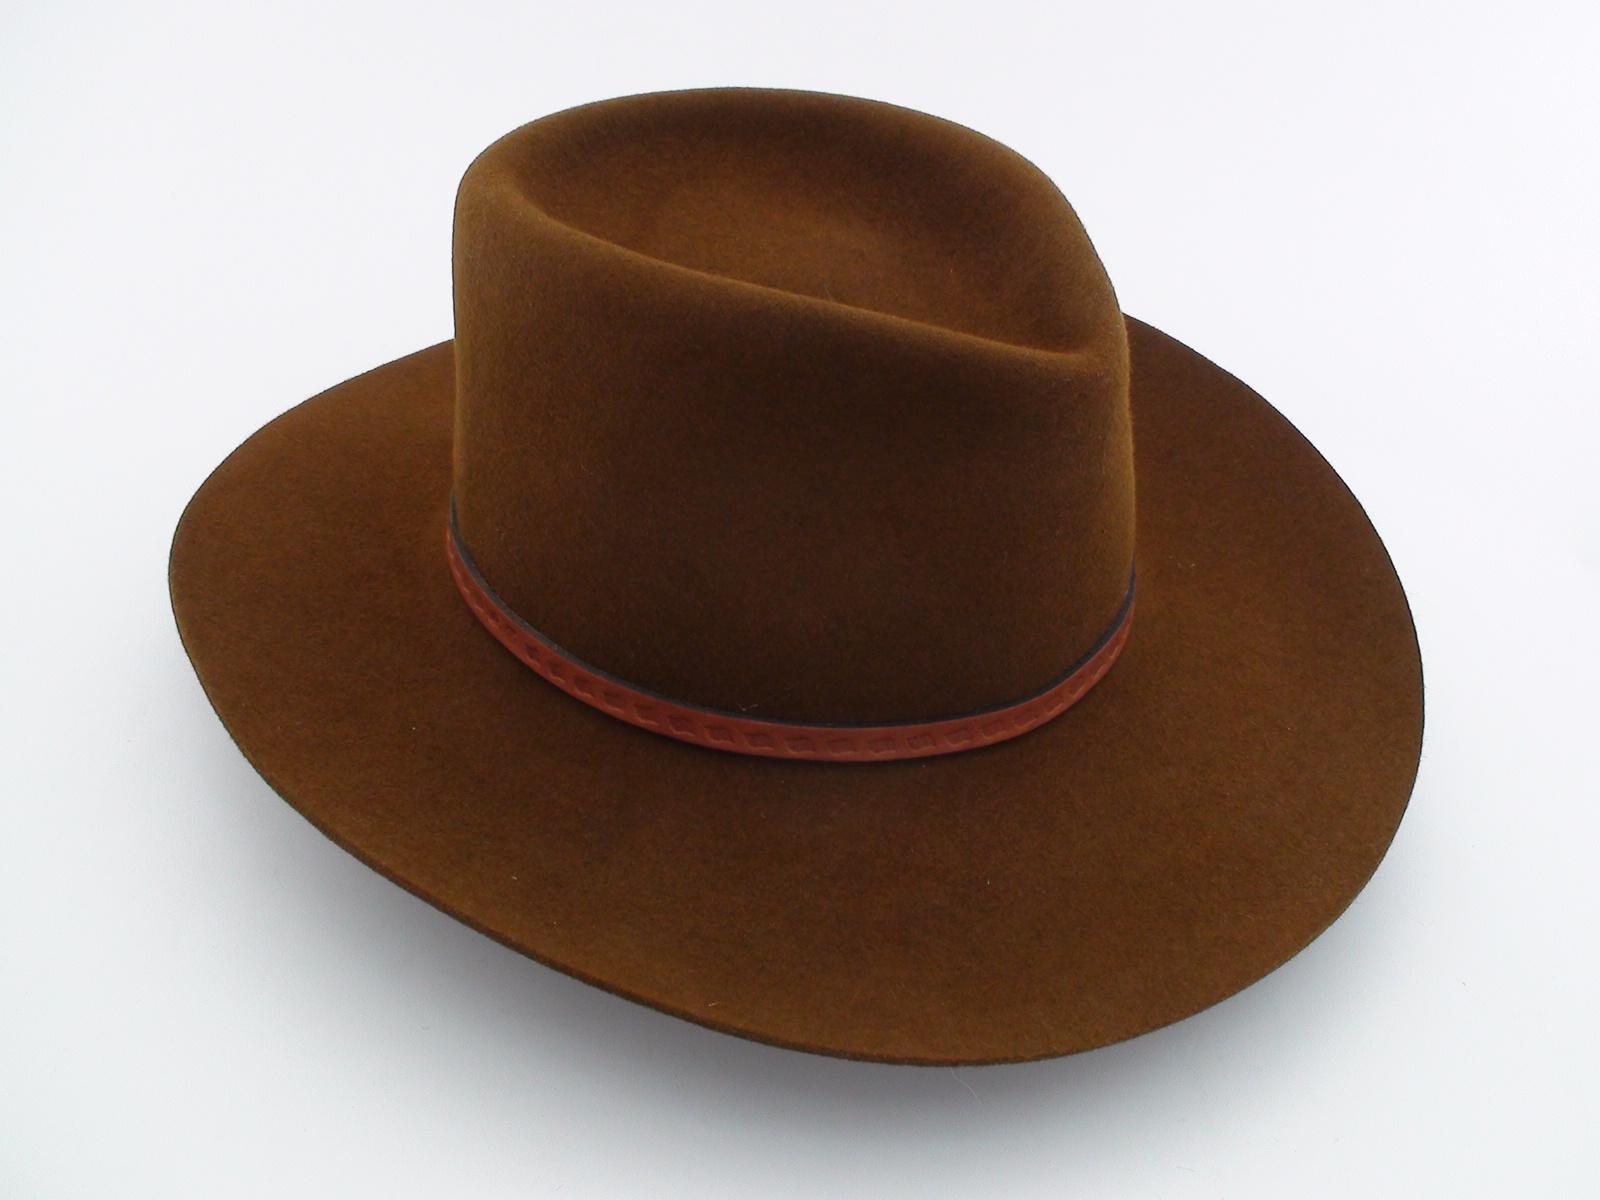 smithbilt hats brown fur